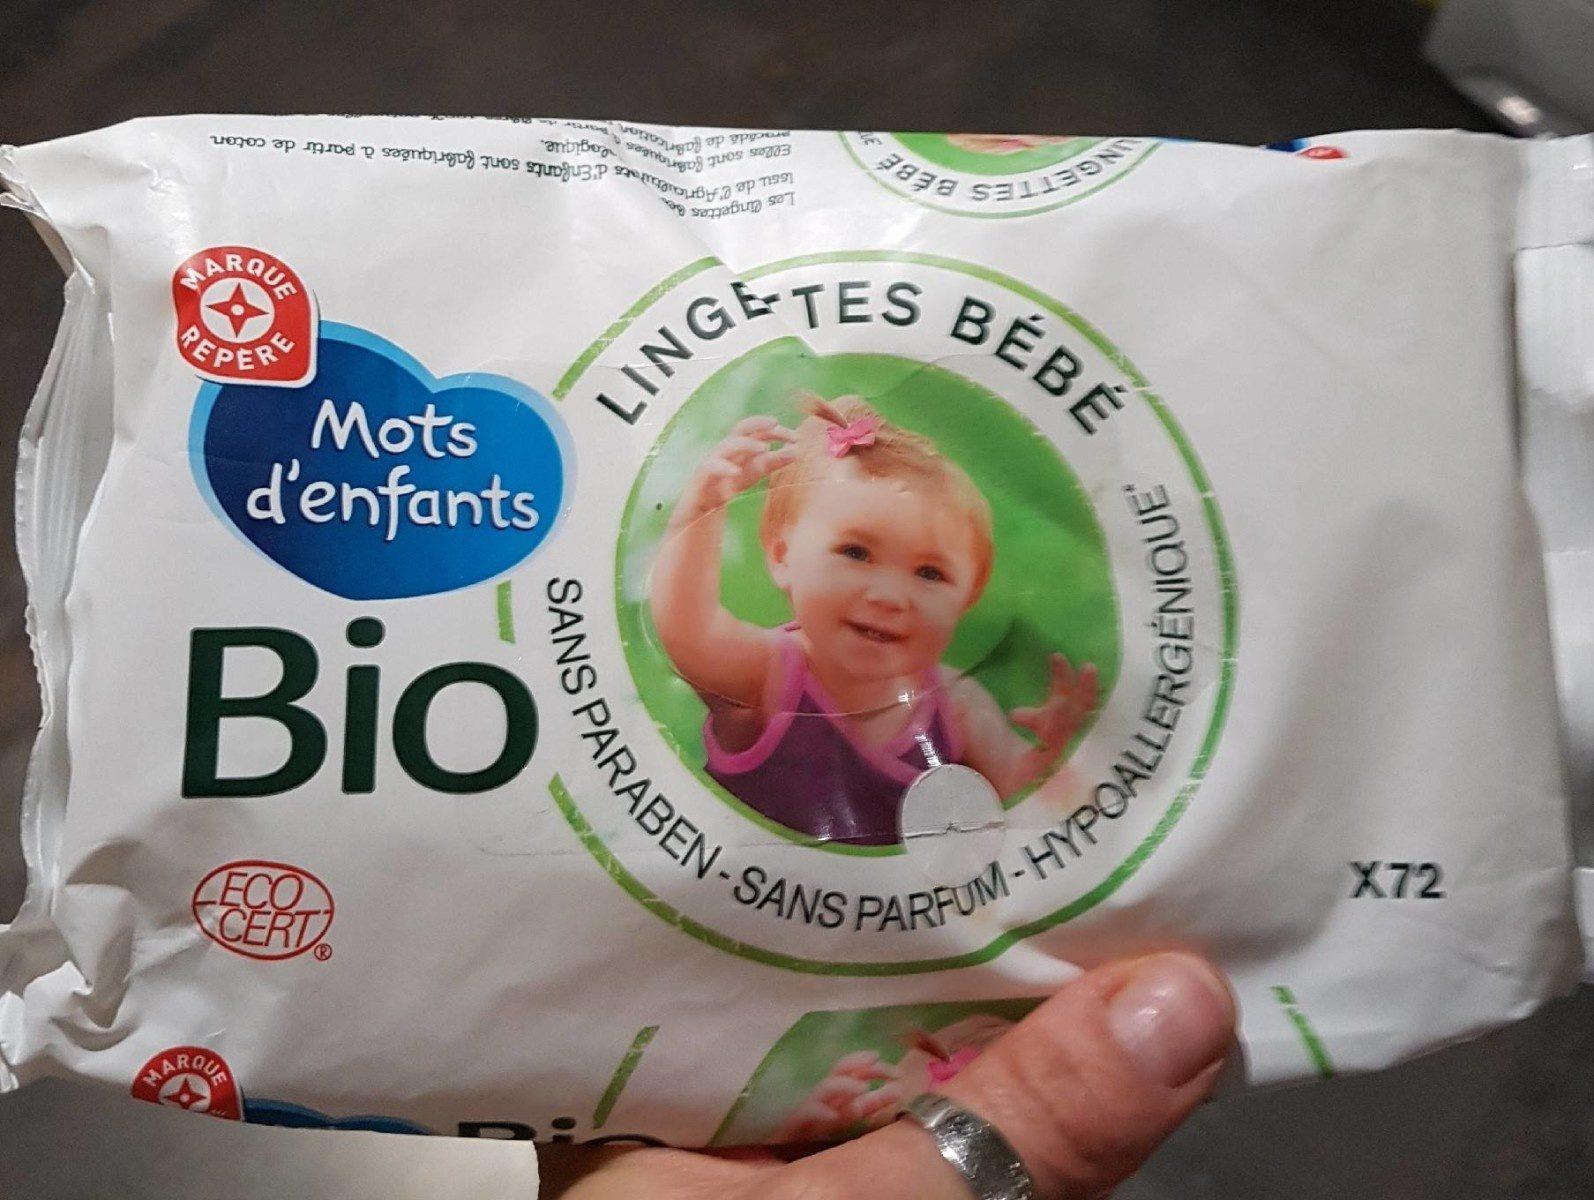 Lingettes bébé bio - Product